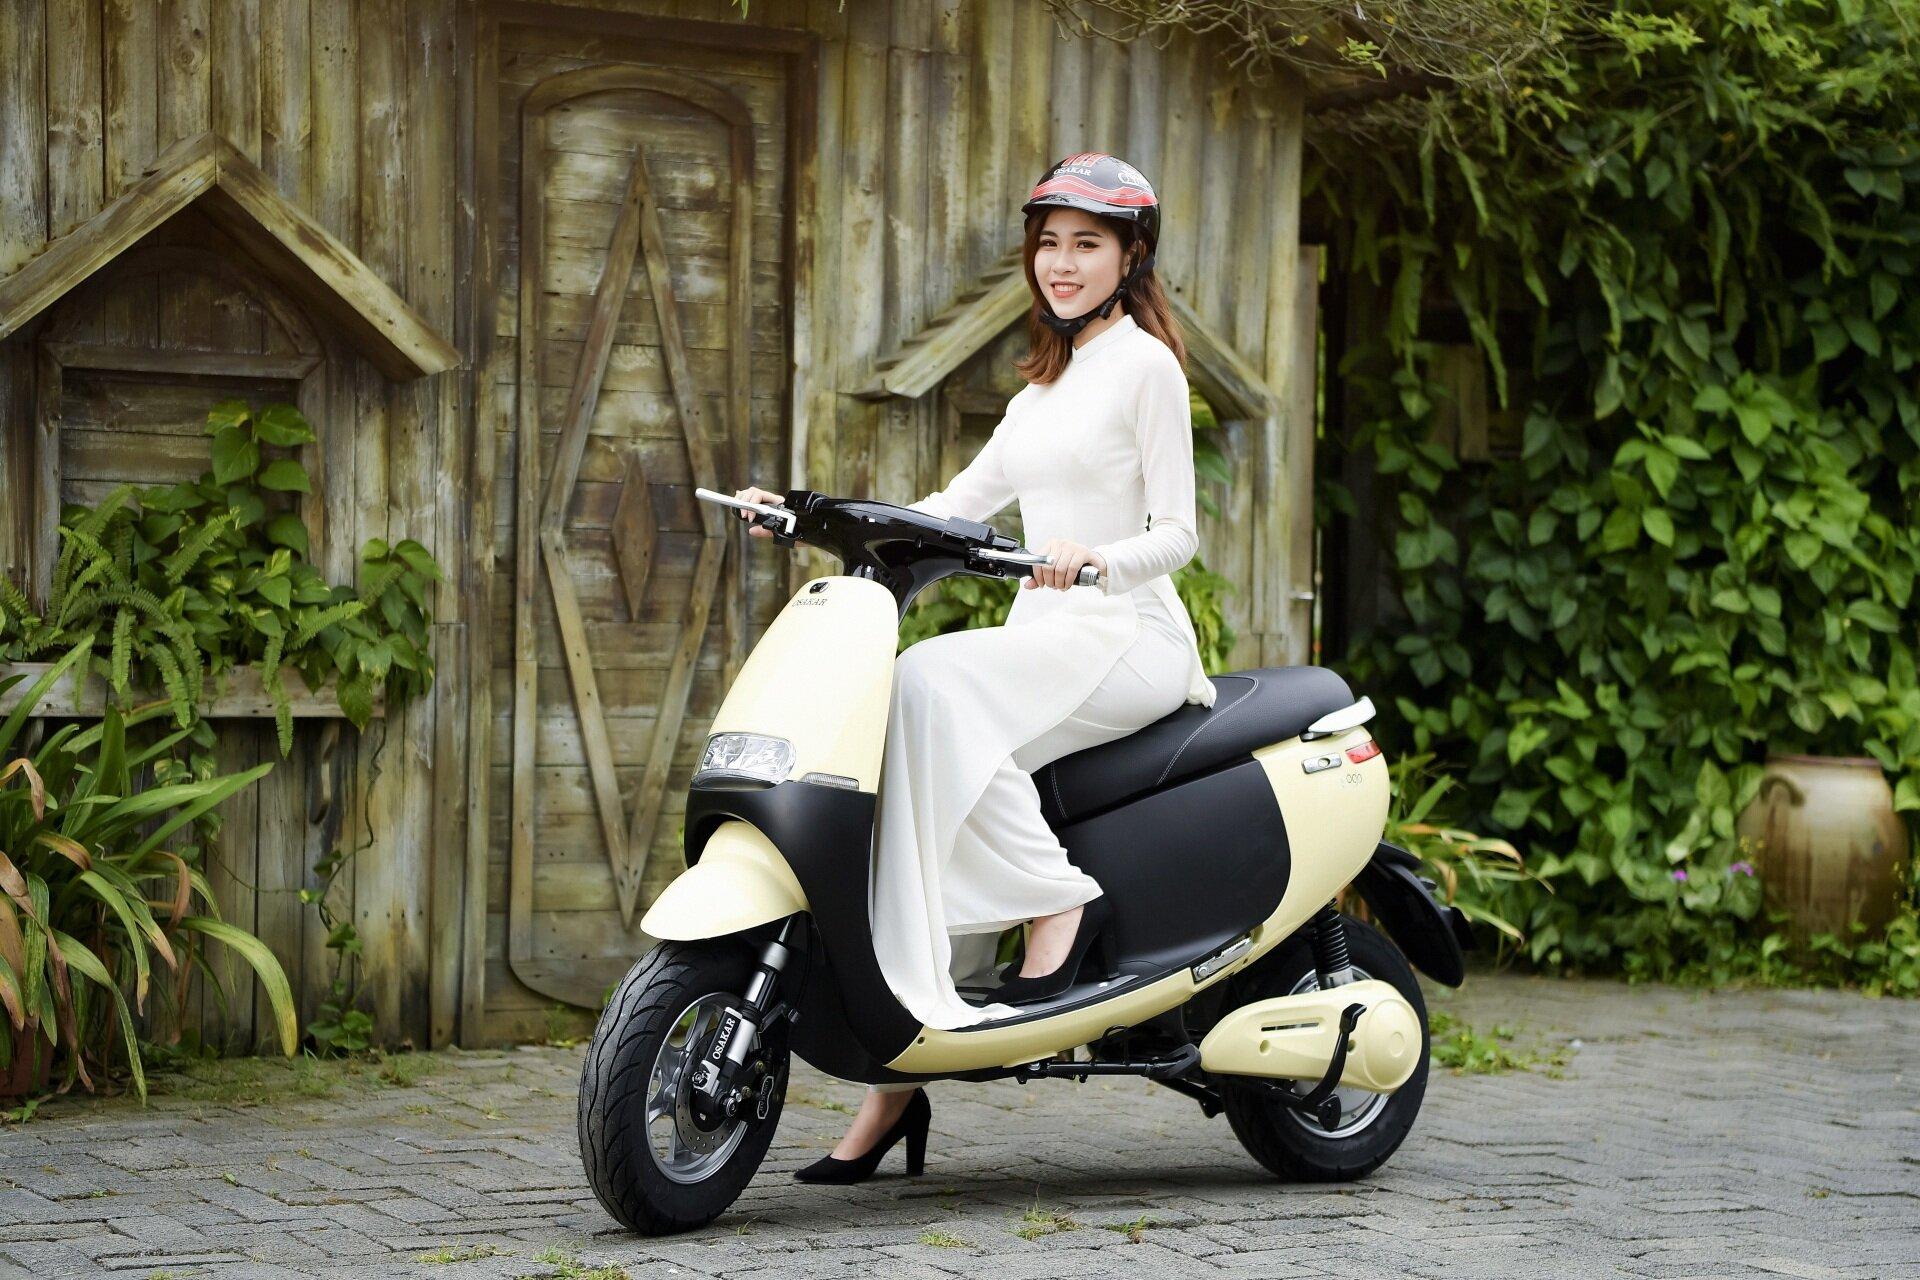 Xe máy điện Gogo của Osakar có nhiều tiện ích vượt trội